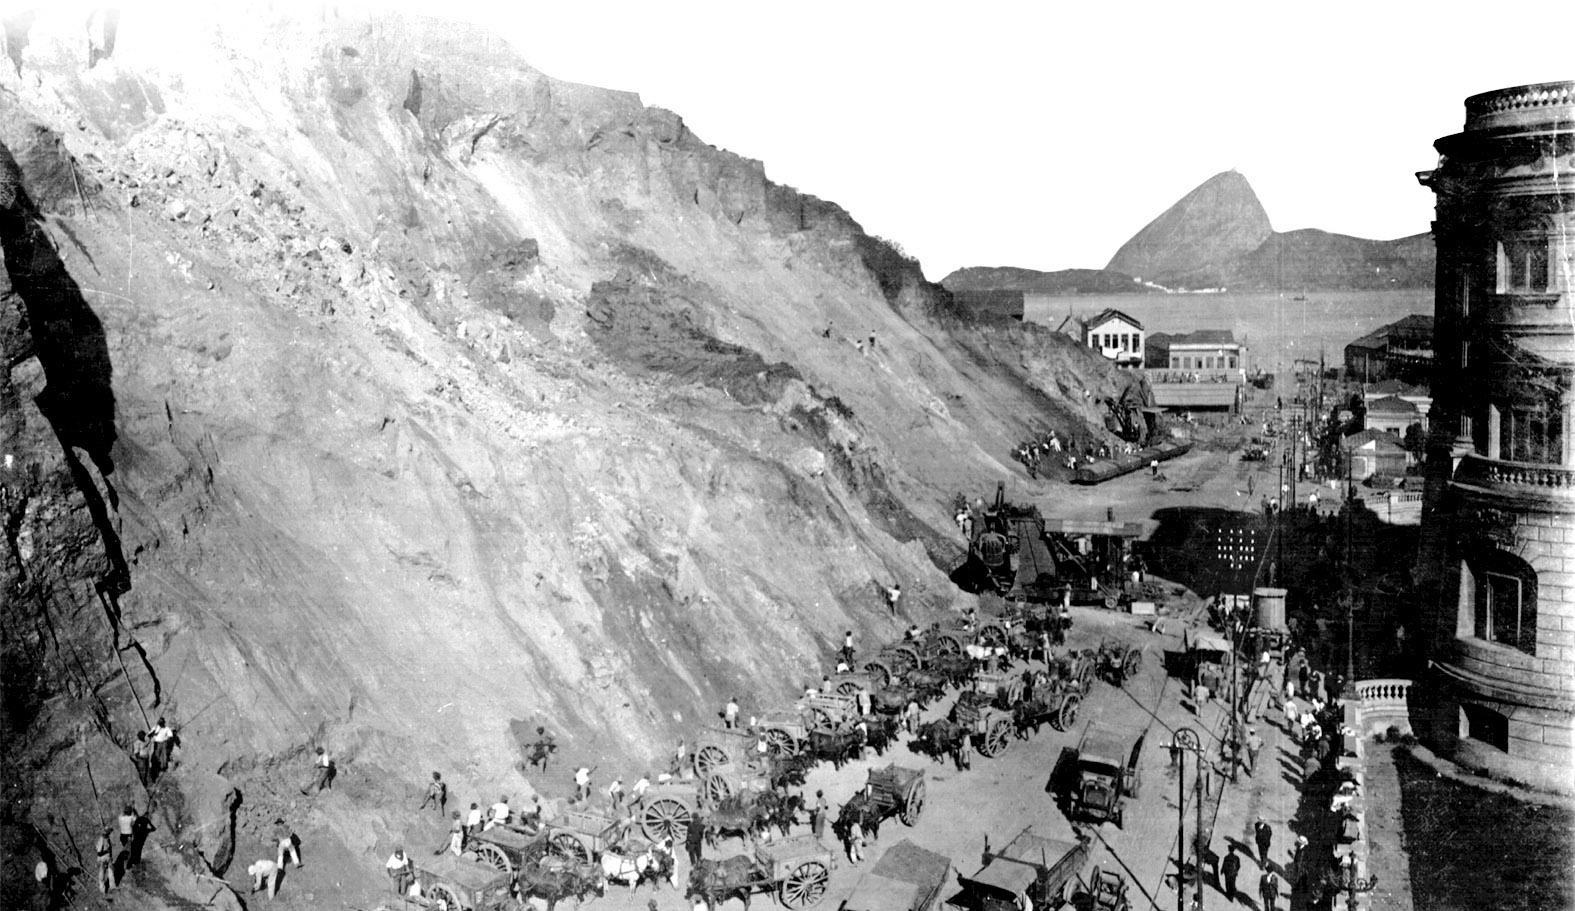 Resultado de imagen para Morro do Castelo rio de janeiro 1920